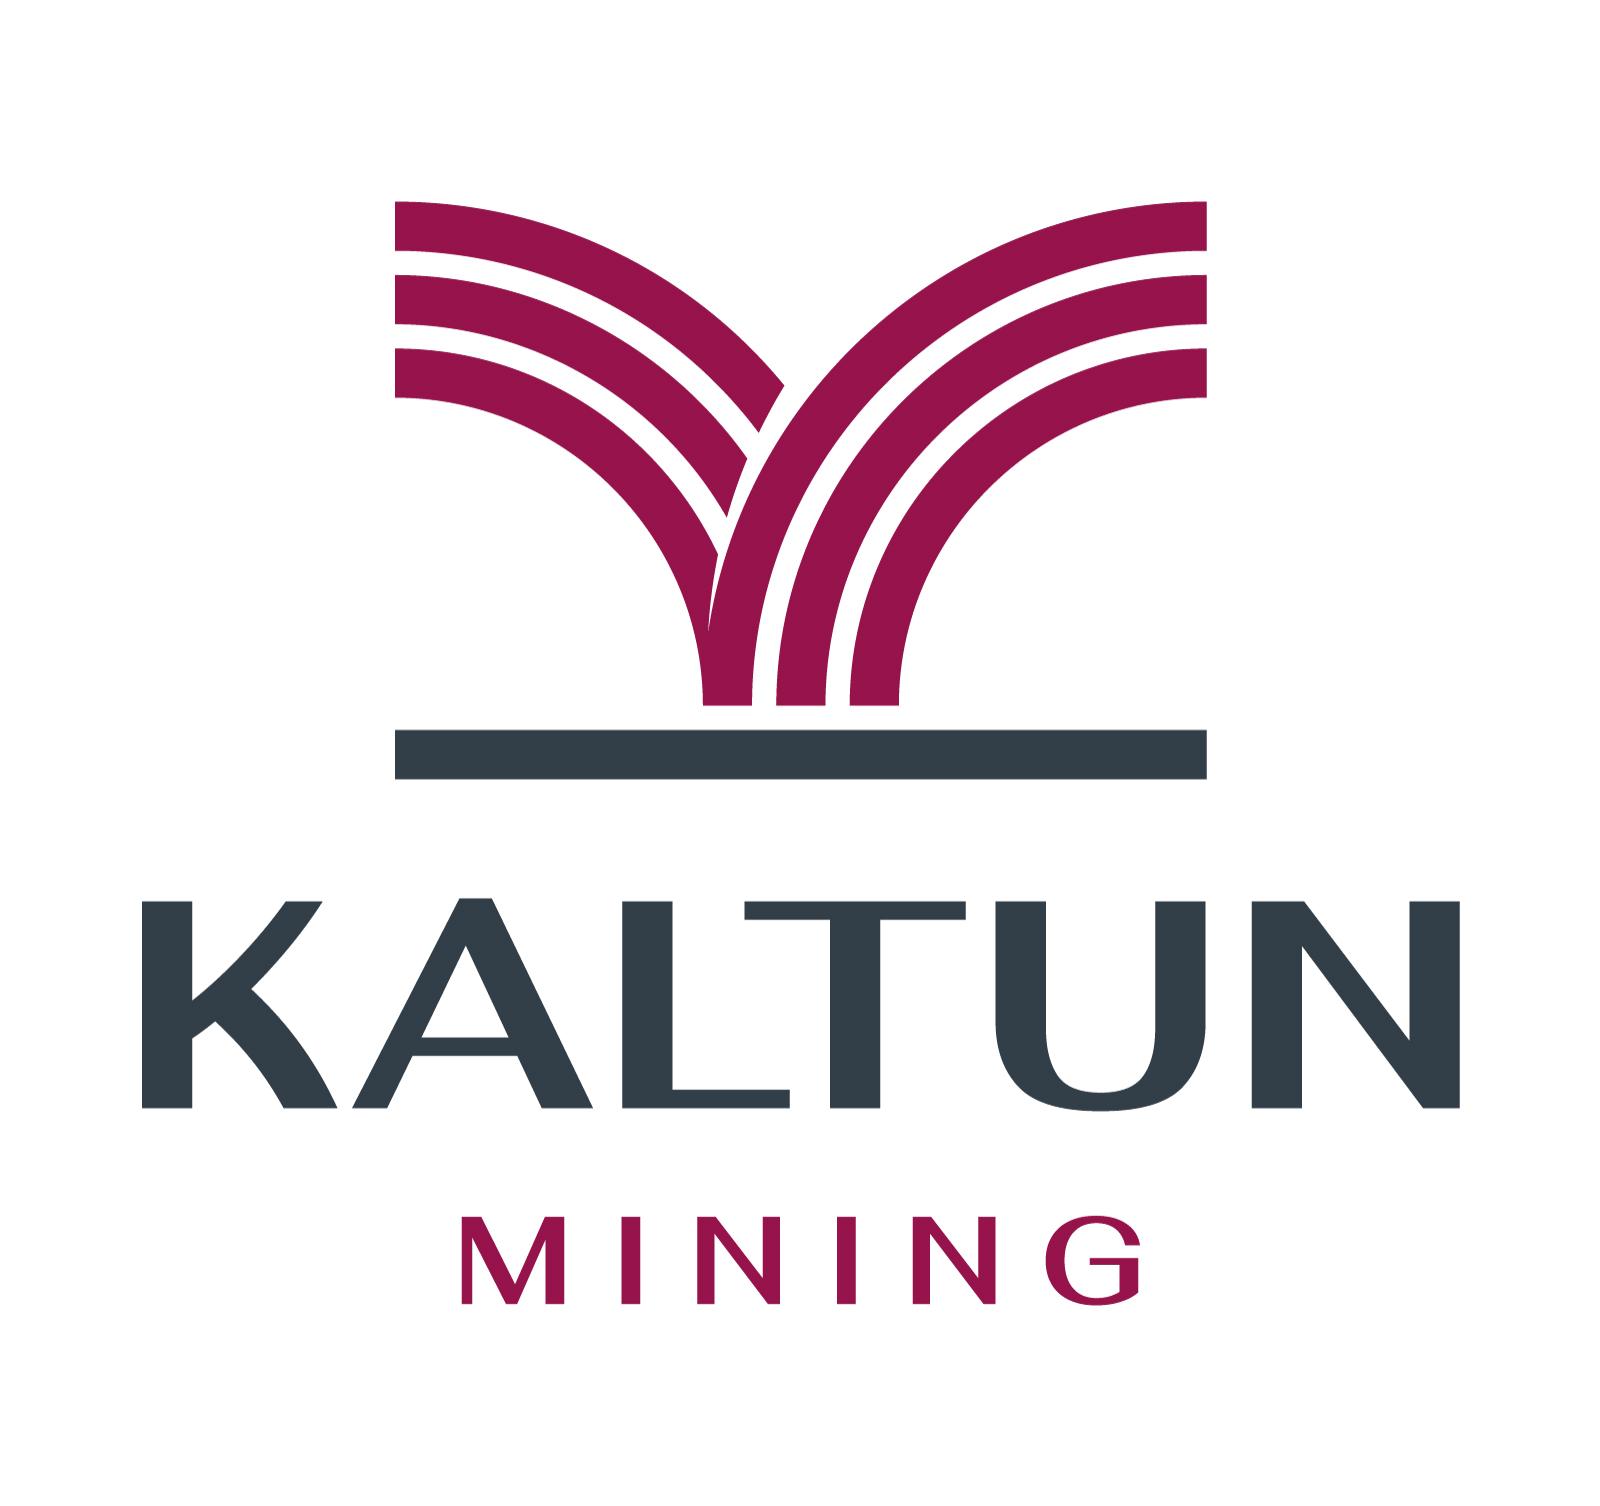 Kaltun Mining Company